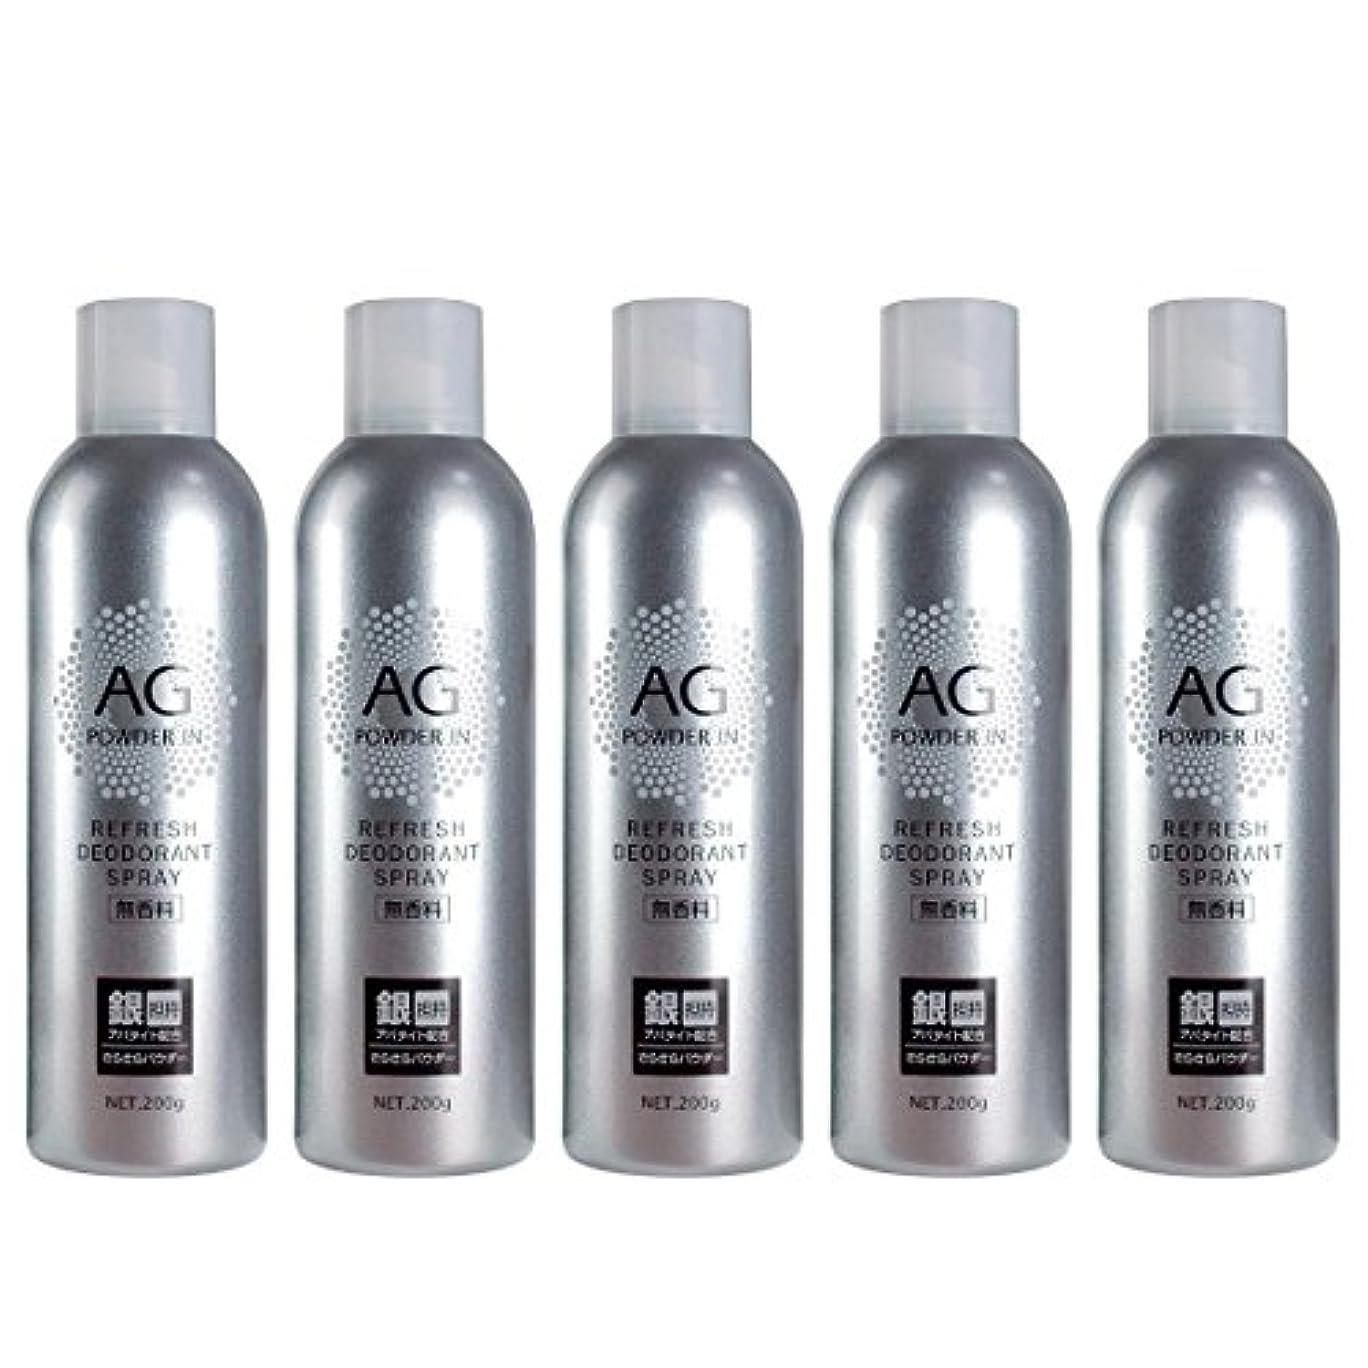 シネマ良心的解釈するデオドラントスプレー AG 銀スプレー 人気 無香料 200g×5本セット